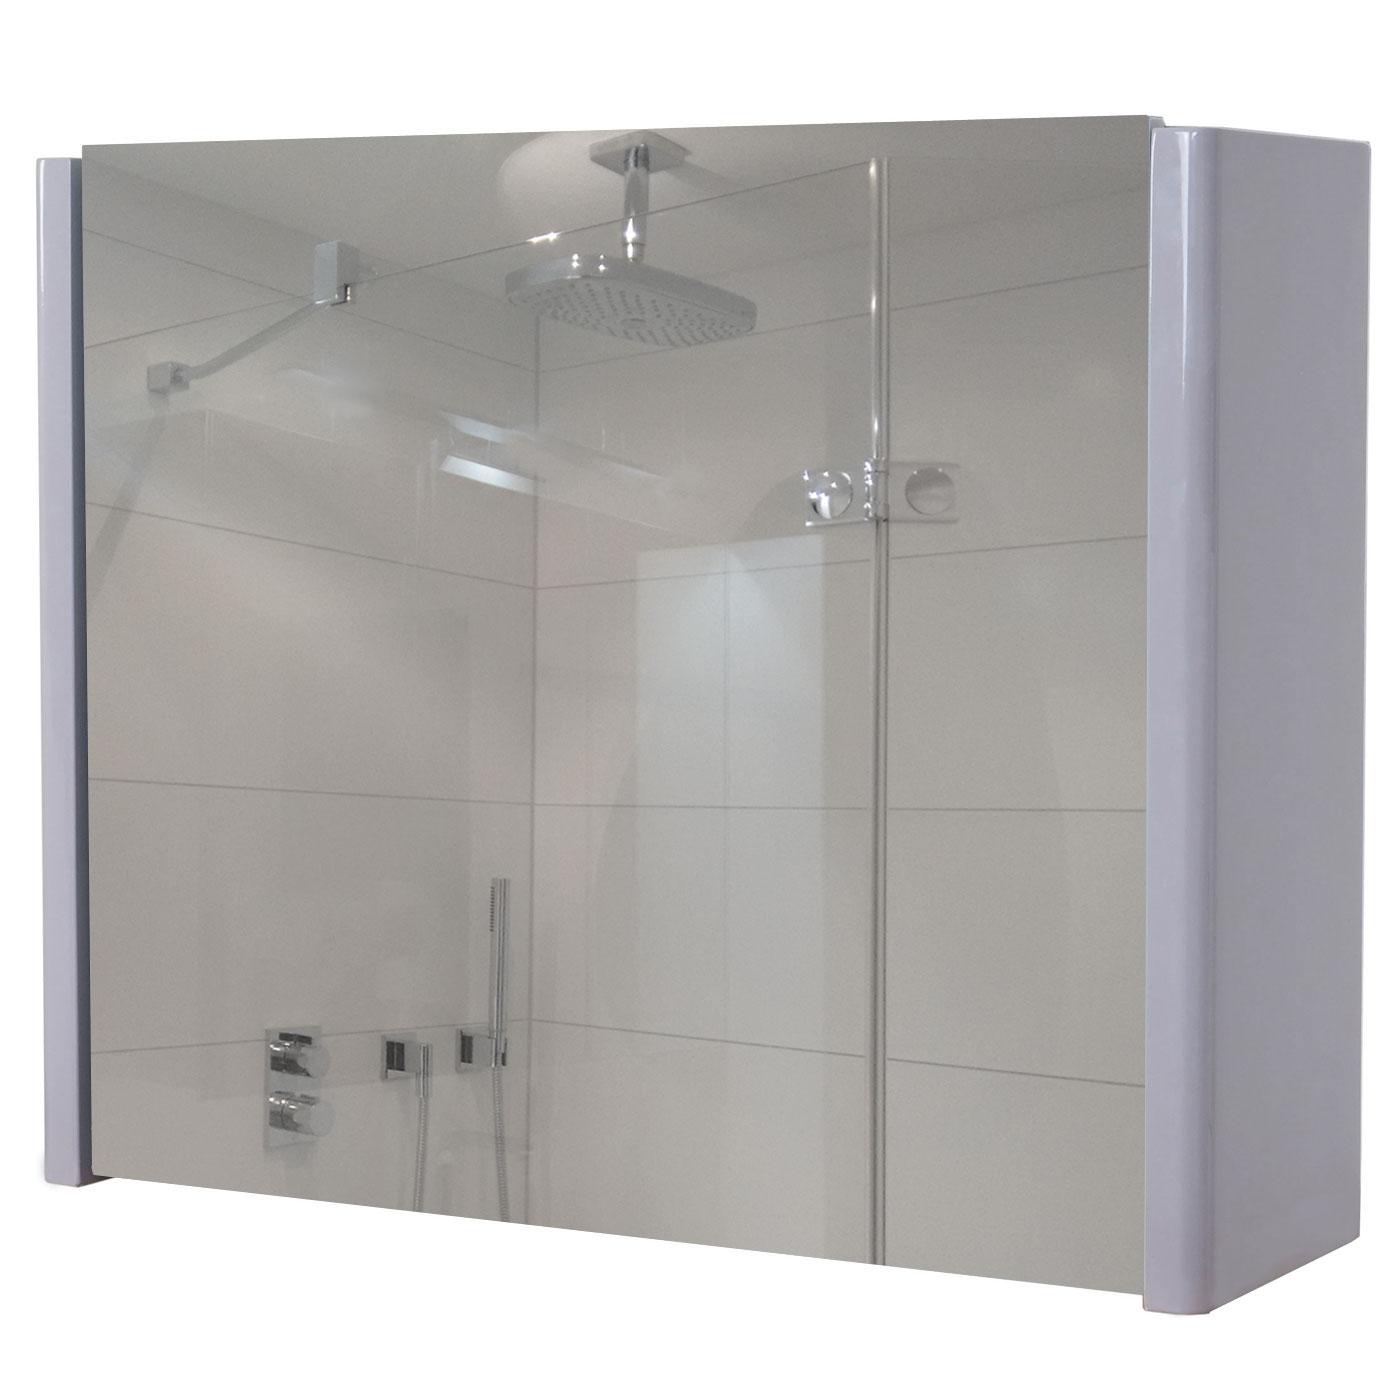 spiegelschrank mcw b19 badezimmer aufklappbar hochglanz 48x59cm grau 4057651189383 ebay. Black Bedroom Furniture Sets. Home Design Ideas